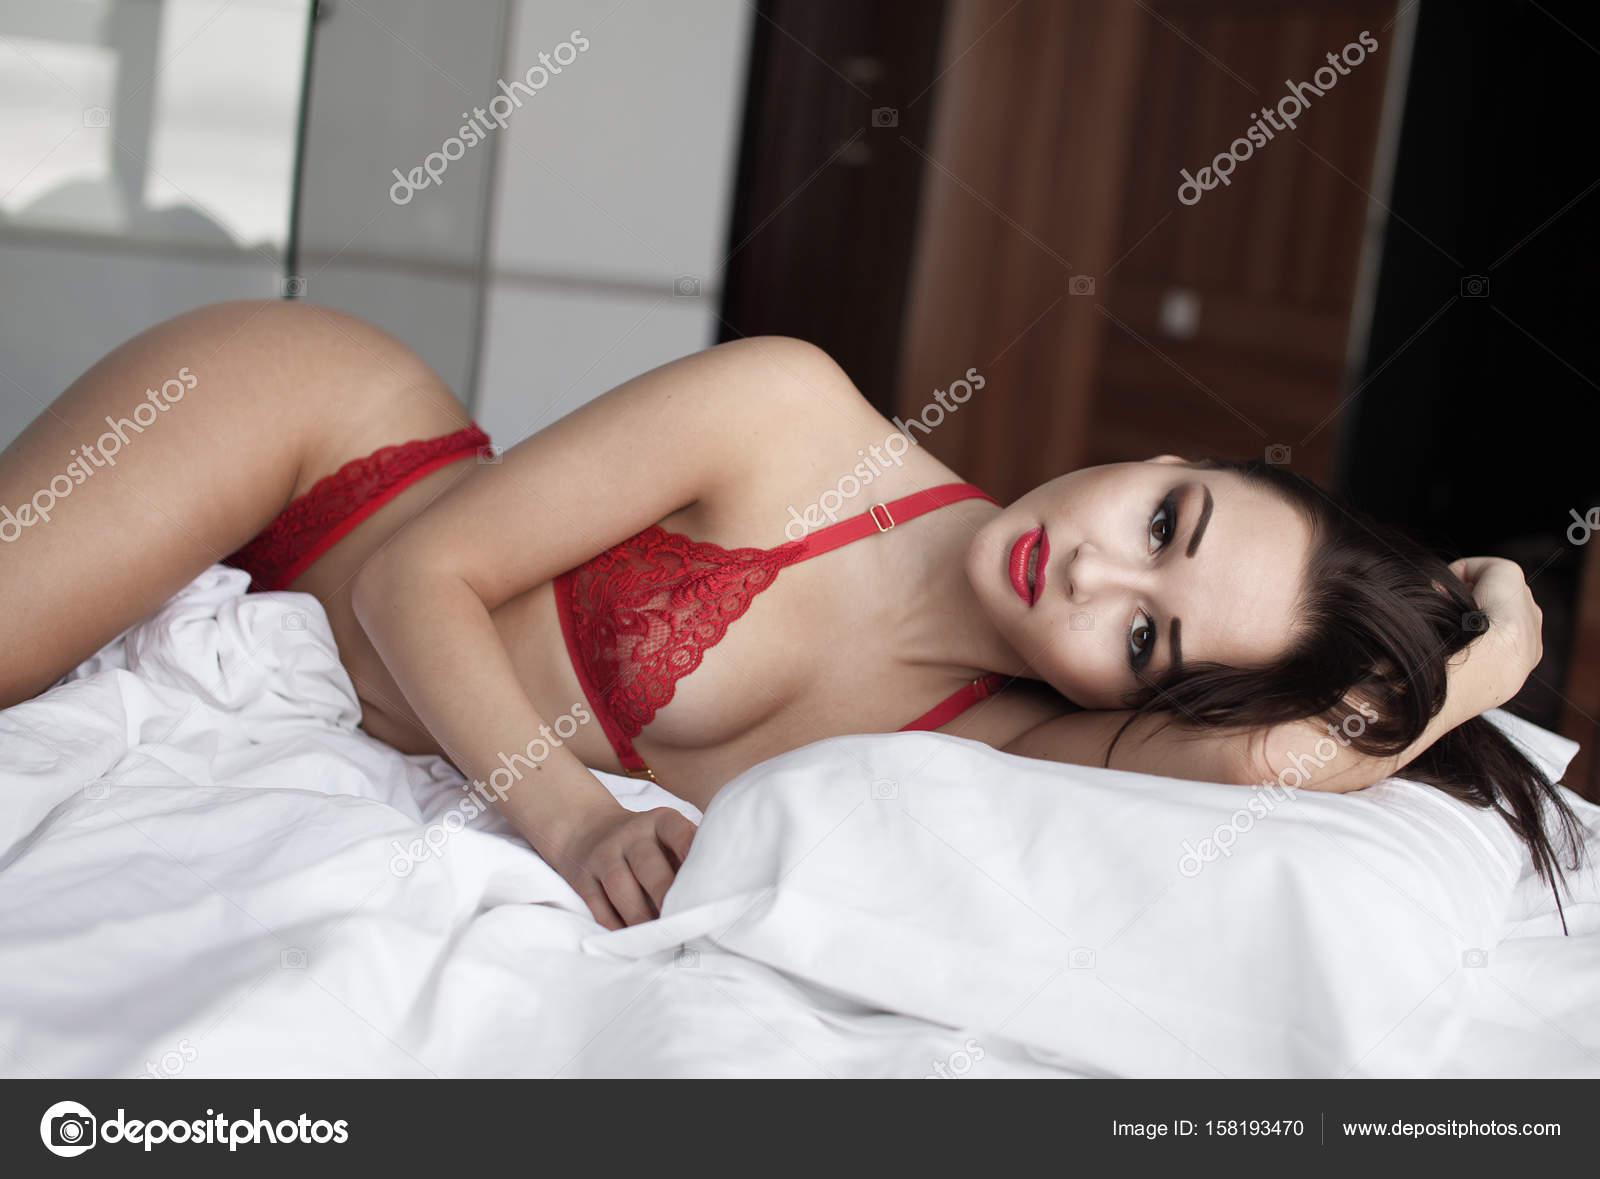 Смотреть бесплатно элегантную даму в попку